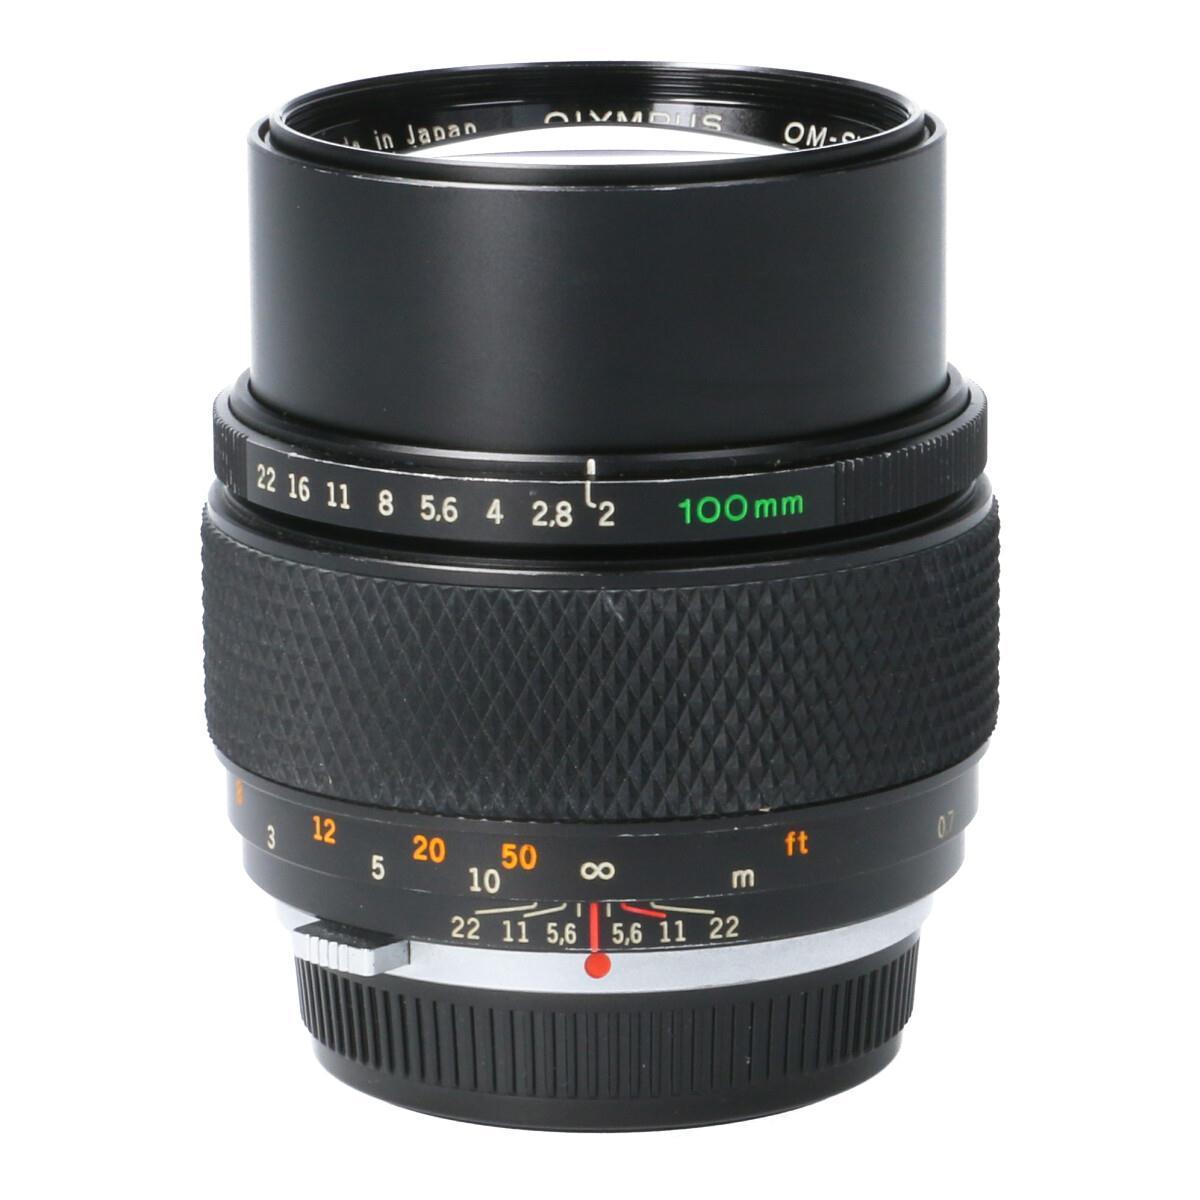 カメラ・ビデオカメラ・光学機器, カメラ用交換レンズ OLYMPUS OM100mm F2